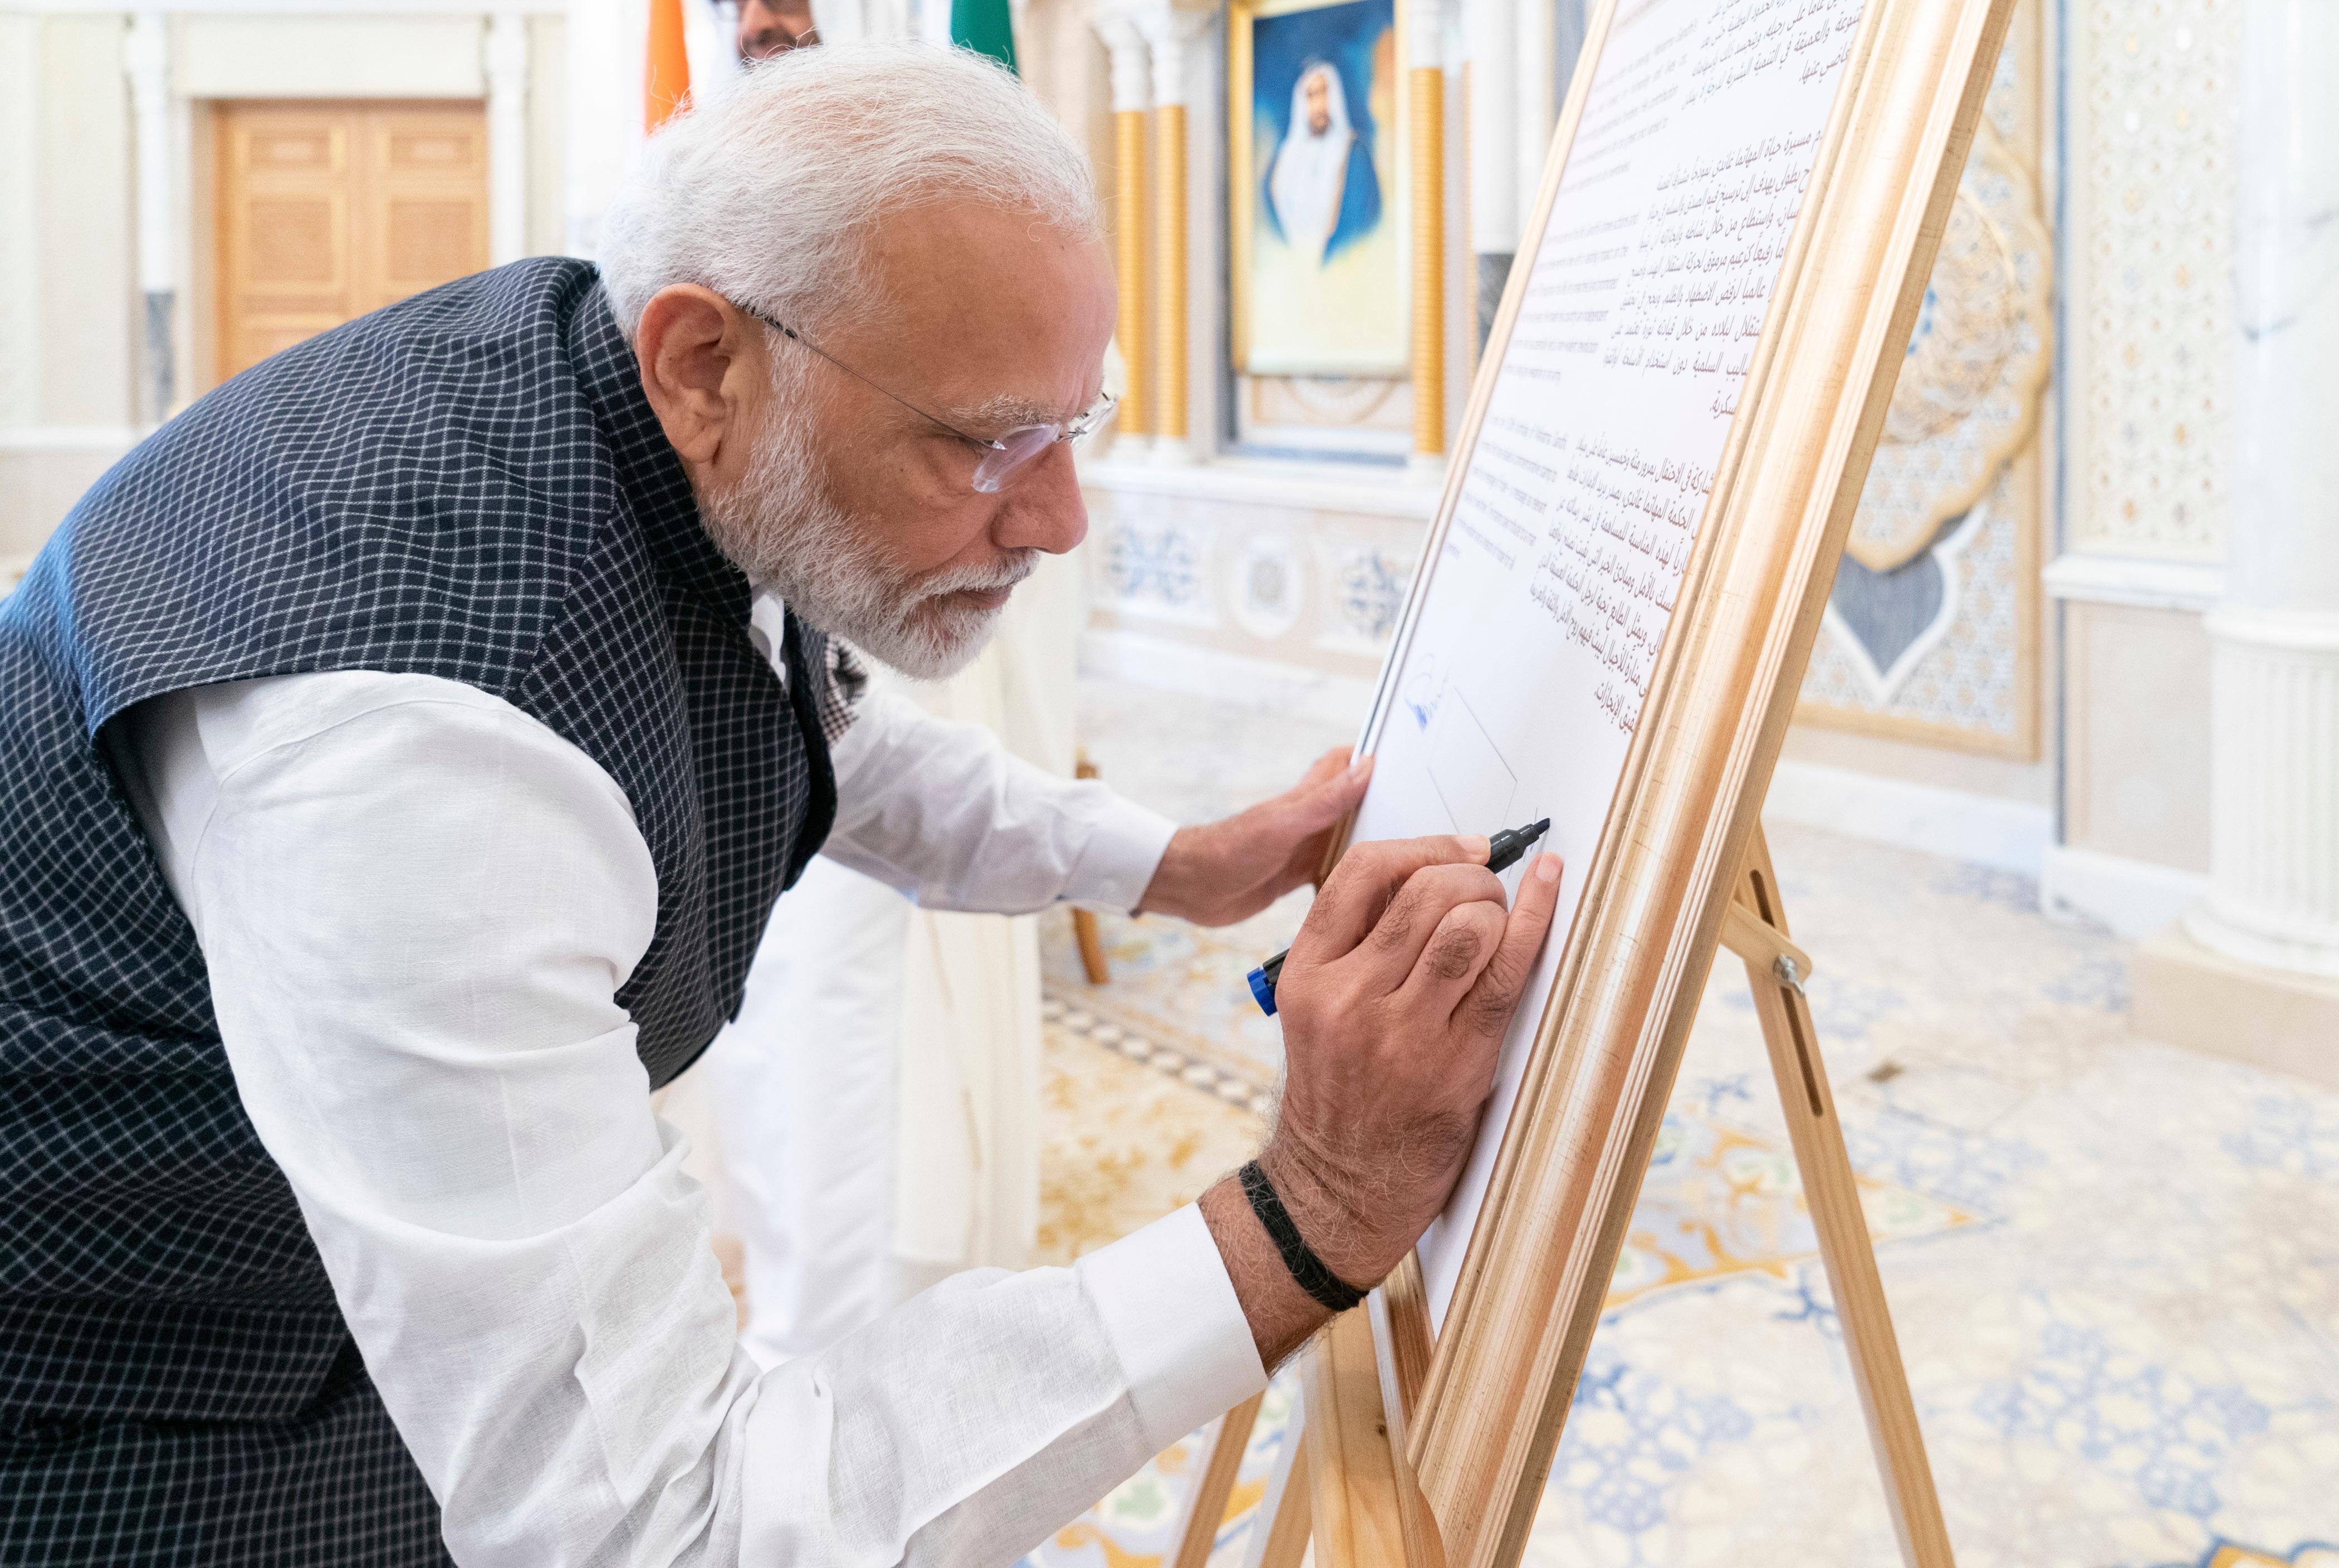 محمد بن زايد يقلد رئيس وزراء الهند